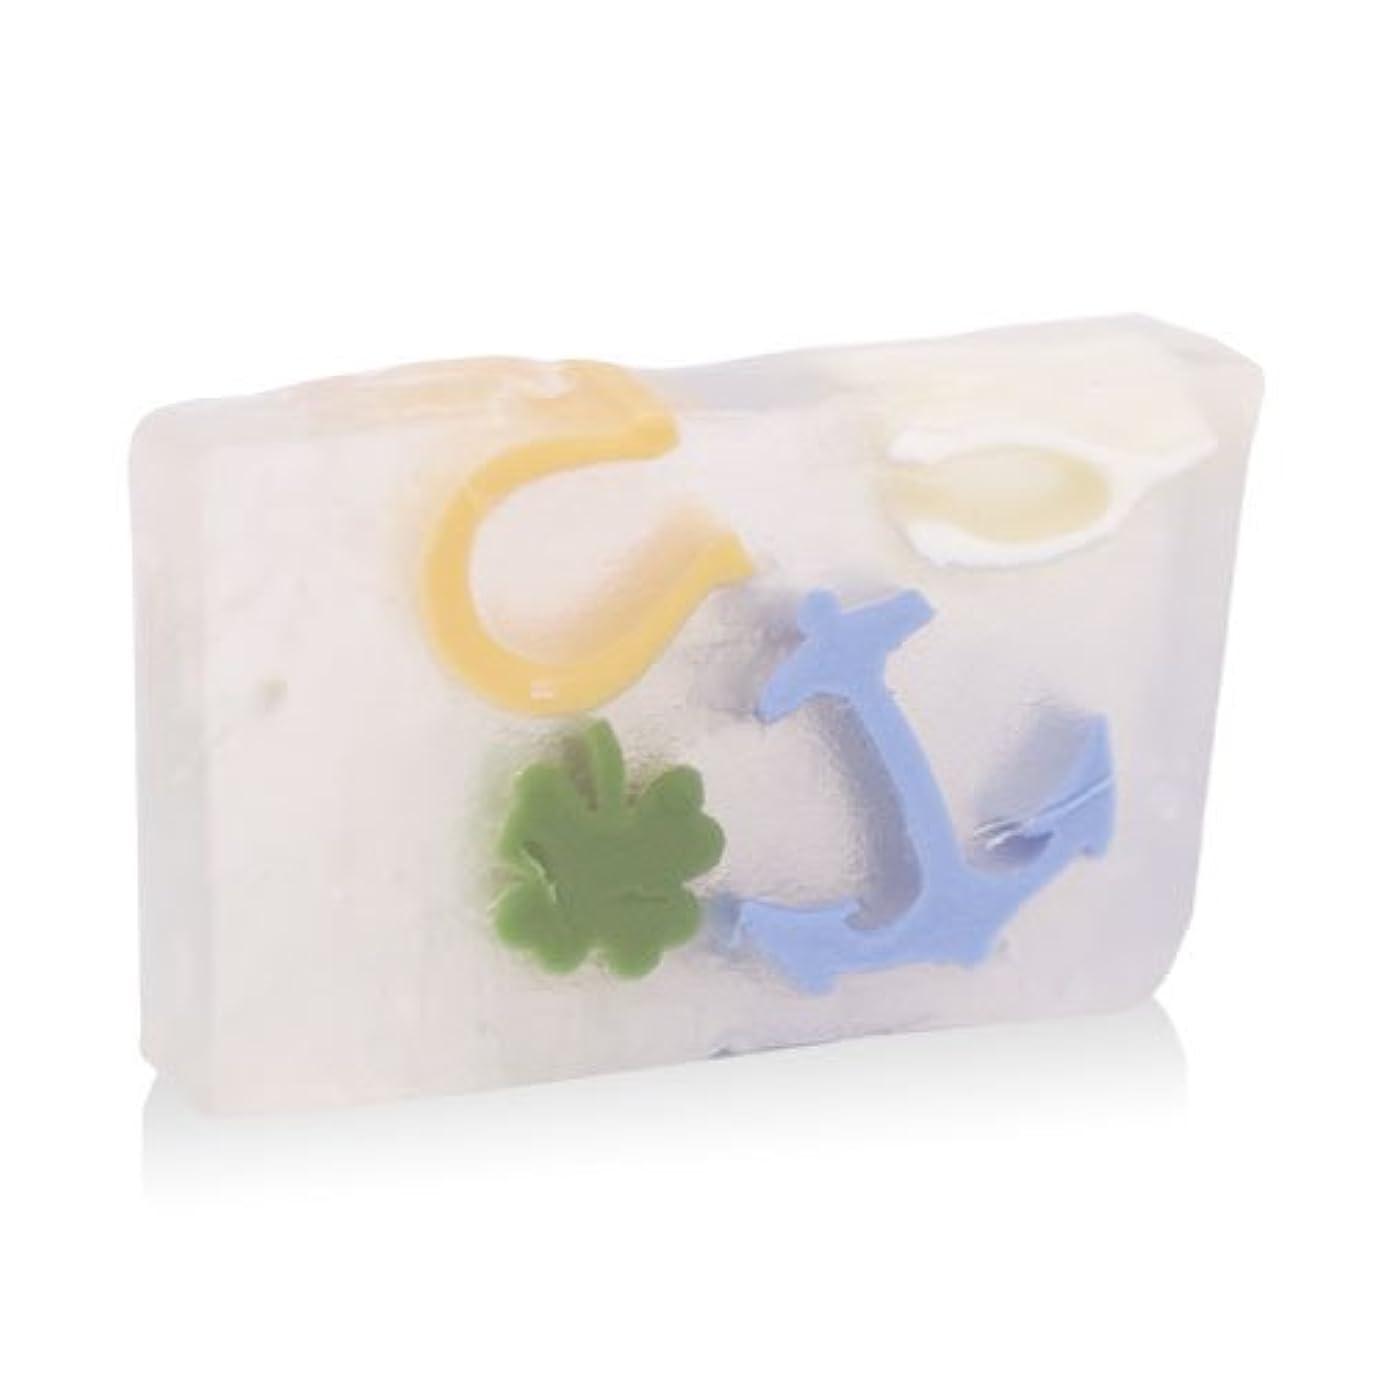 ロッドスキャン依存するプライモールエレメンツ アロマティック ソープ グッドラックチャーム 180g 植物性 ナチュラル 石鹸 無添加